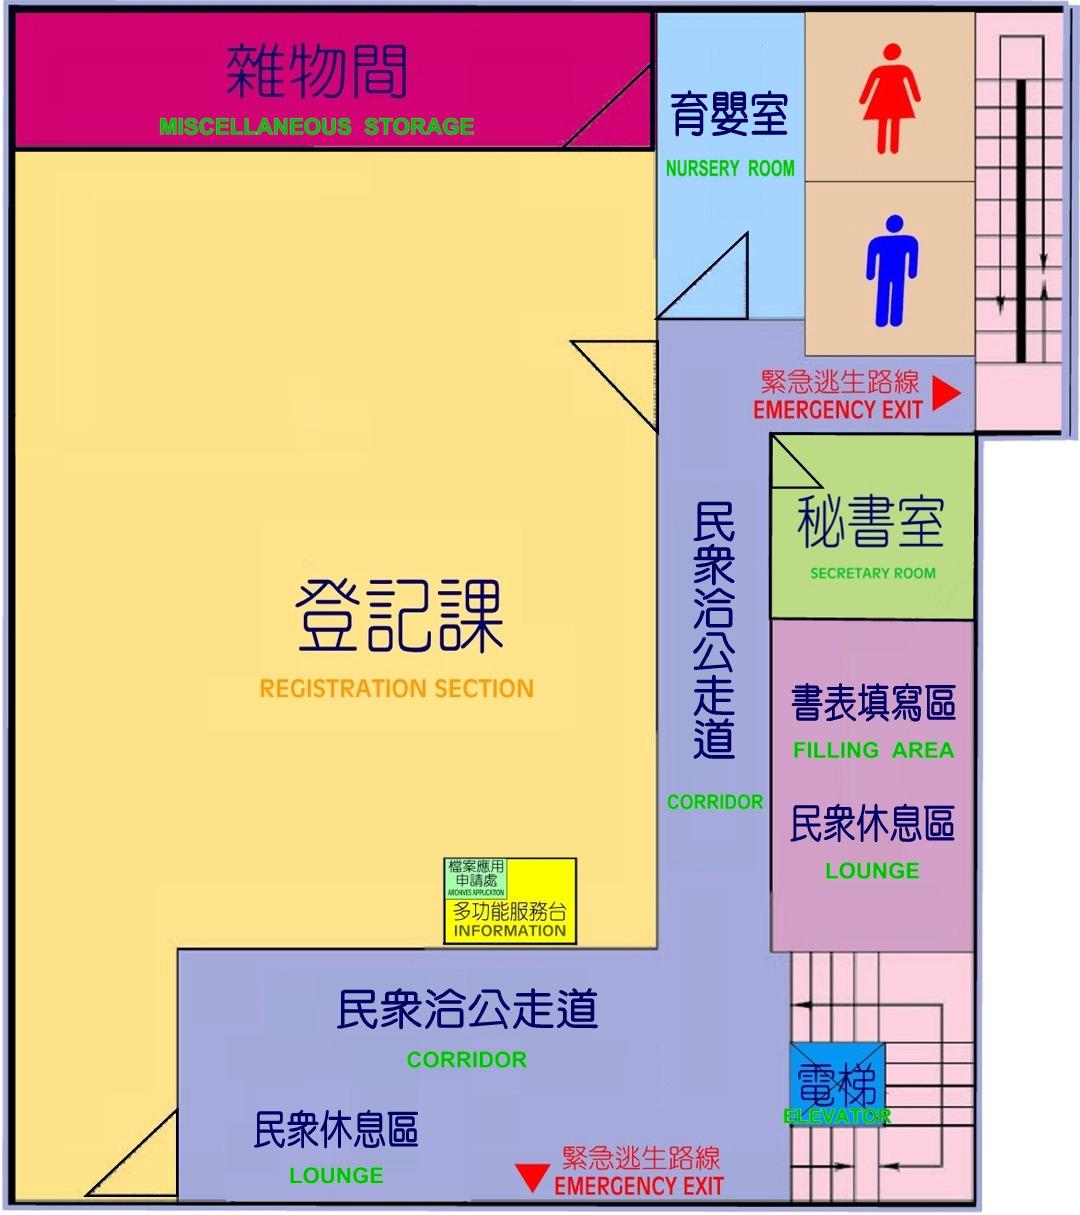 一樓平面圖,本所一樓設有秘書室、登記課及各項業務申請櫃檯,另闢多功能服務台、民眾休息區、書表填寫區及育嬰室